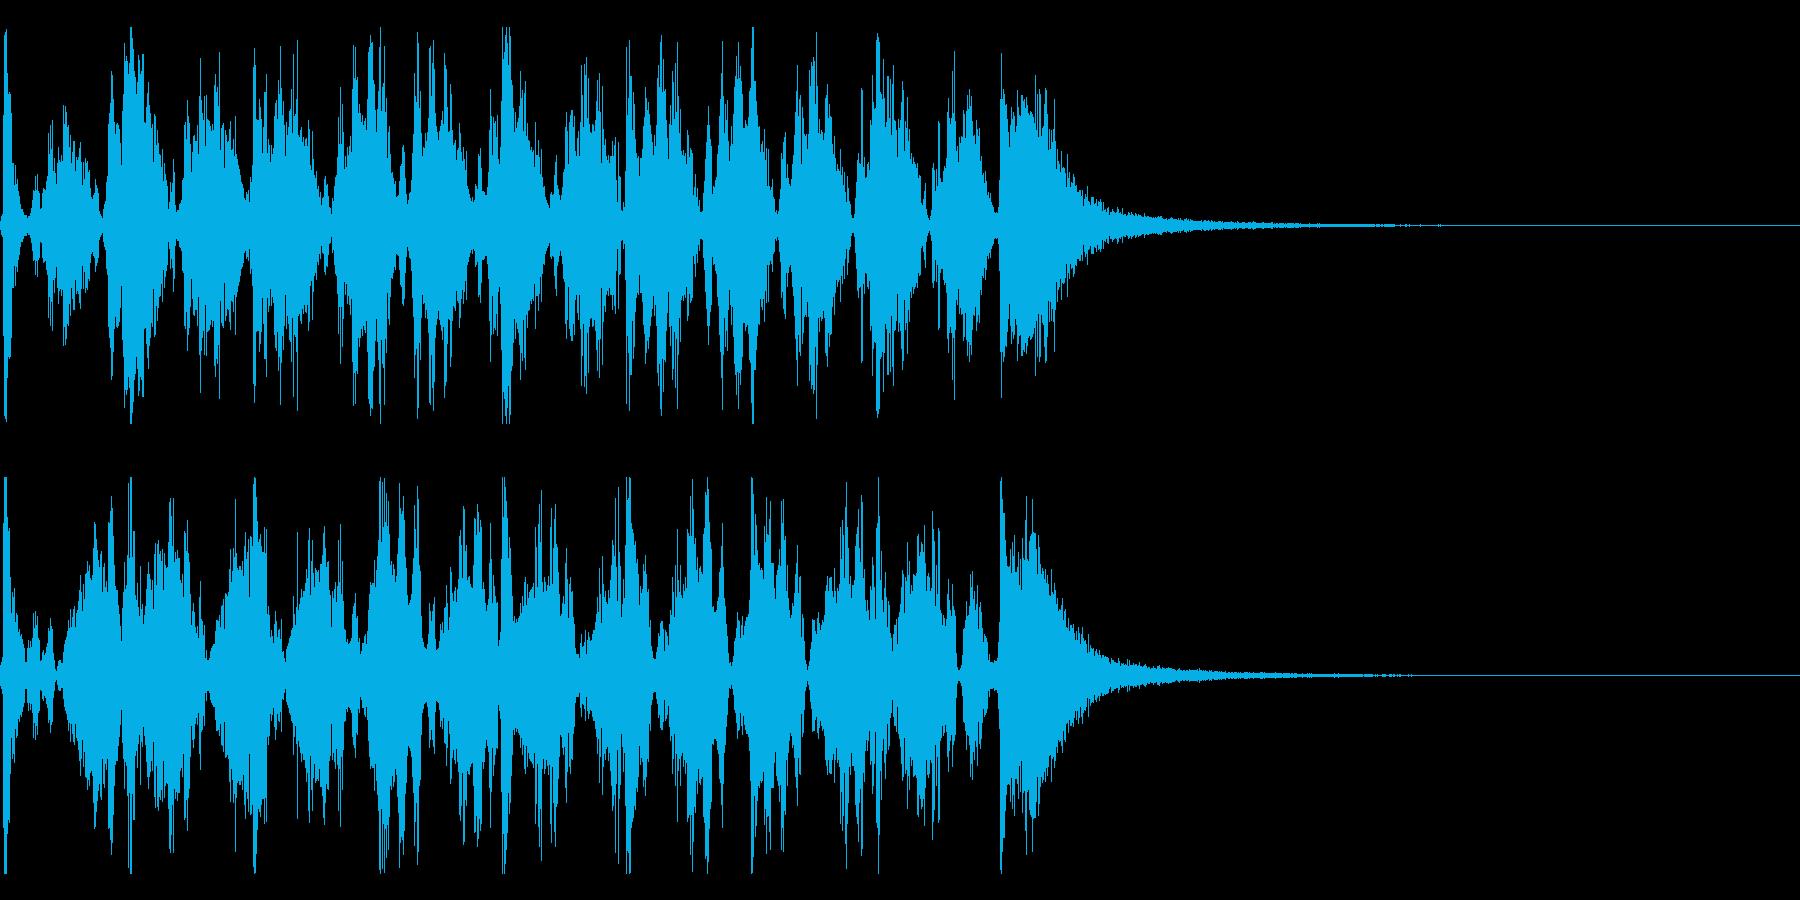 シンキングタイム用/秒針の効果音 !4の再生済みの波形